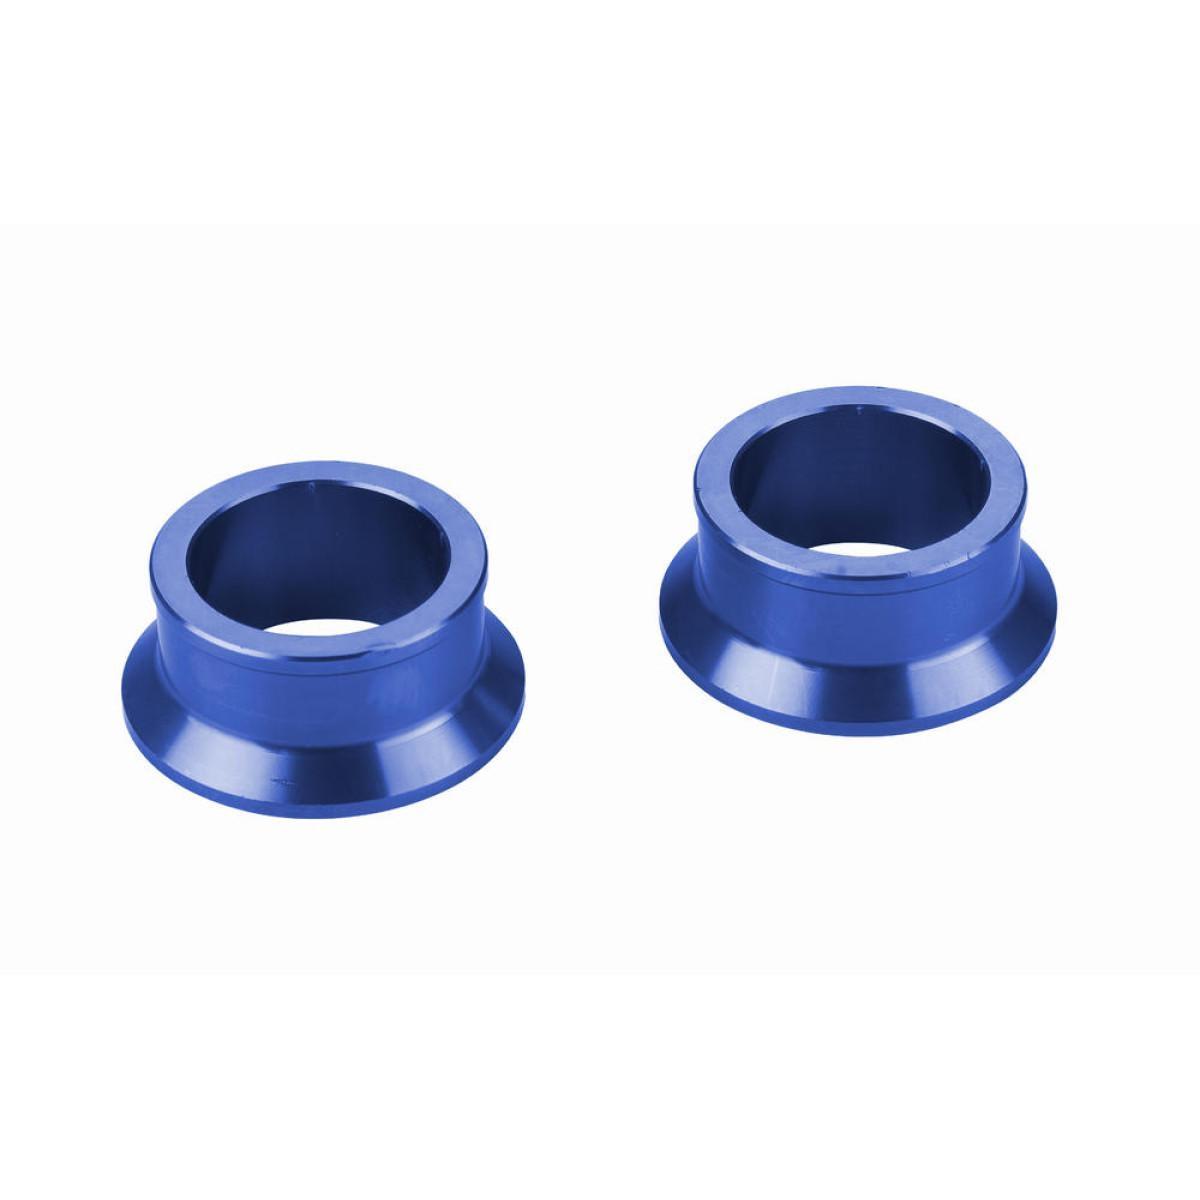 Entretoises de roue arrière Kite Honda CR 125R 00-07 bleu